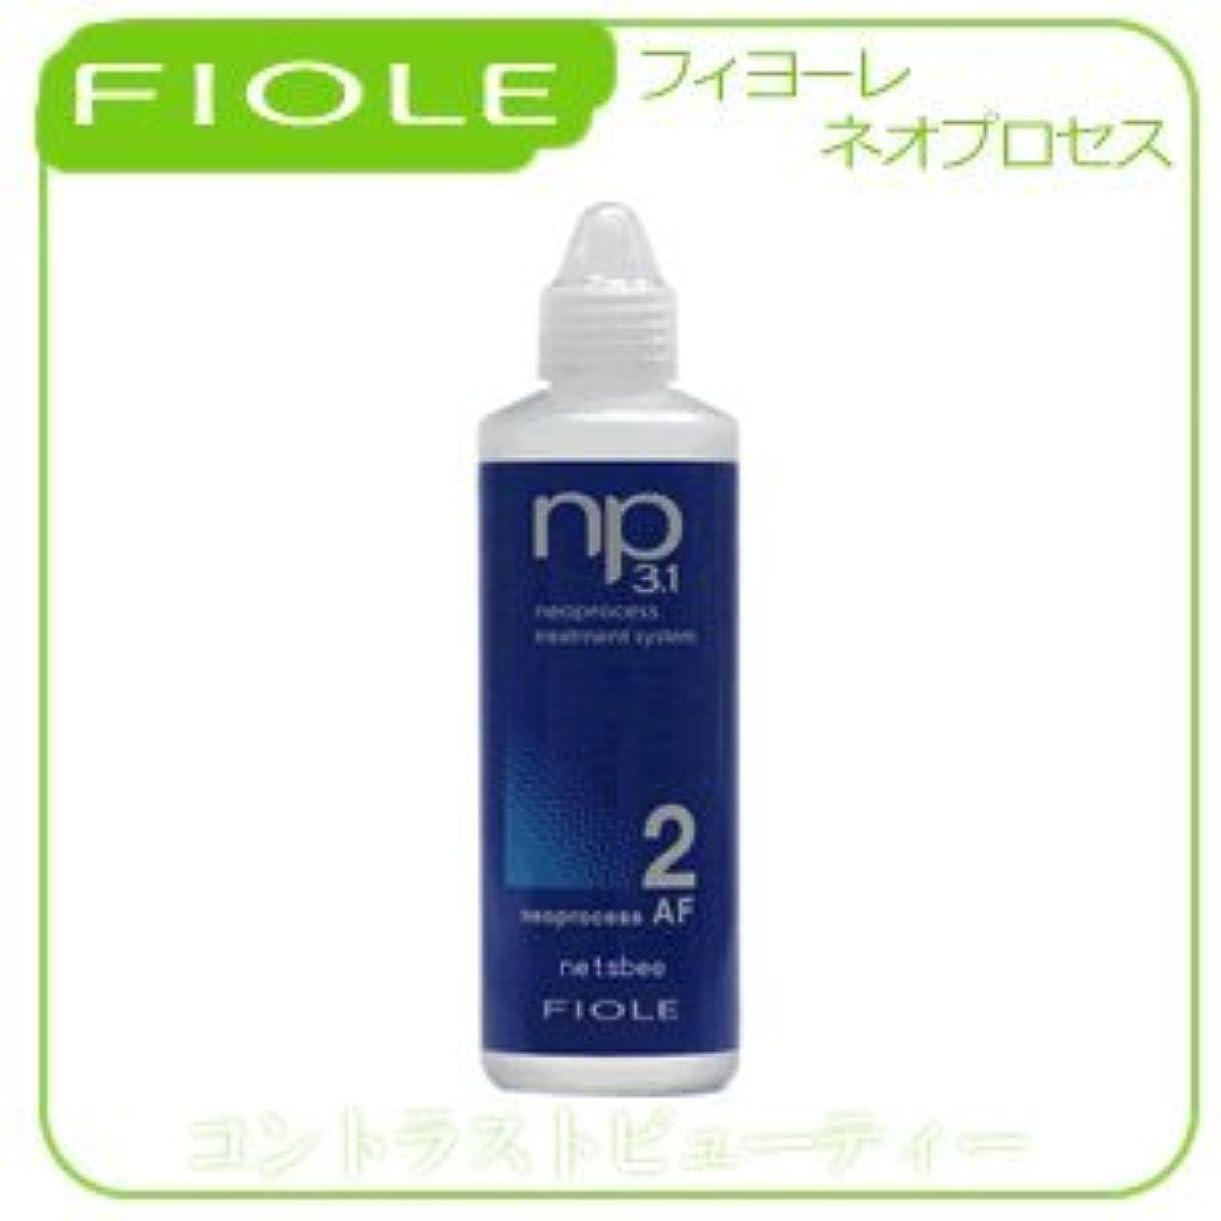 公平な反動日【X3個セット】 フィヨーレ NP3.1 ネオプロセス AF2 130ml FIOLE ネオプロセス